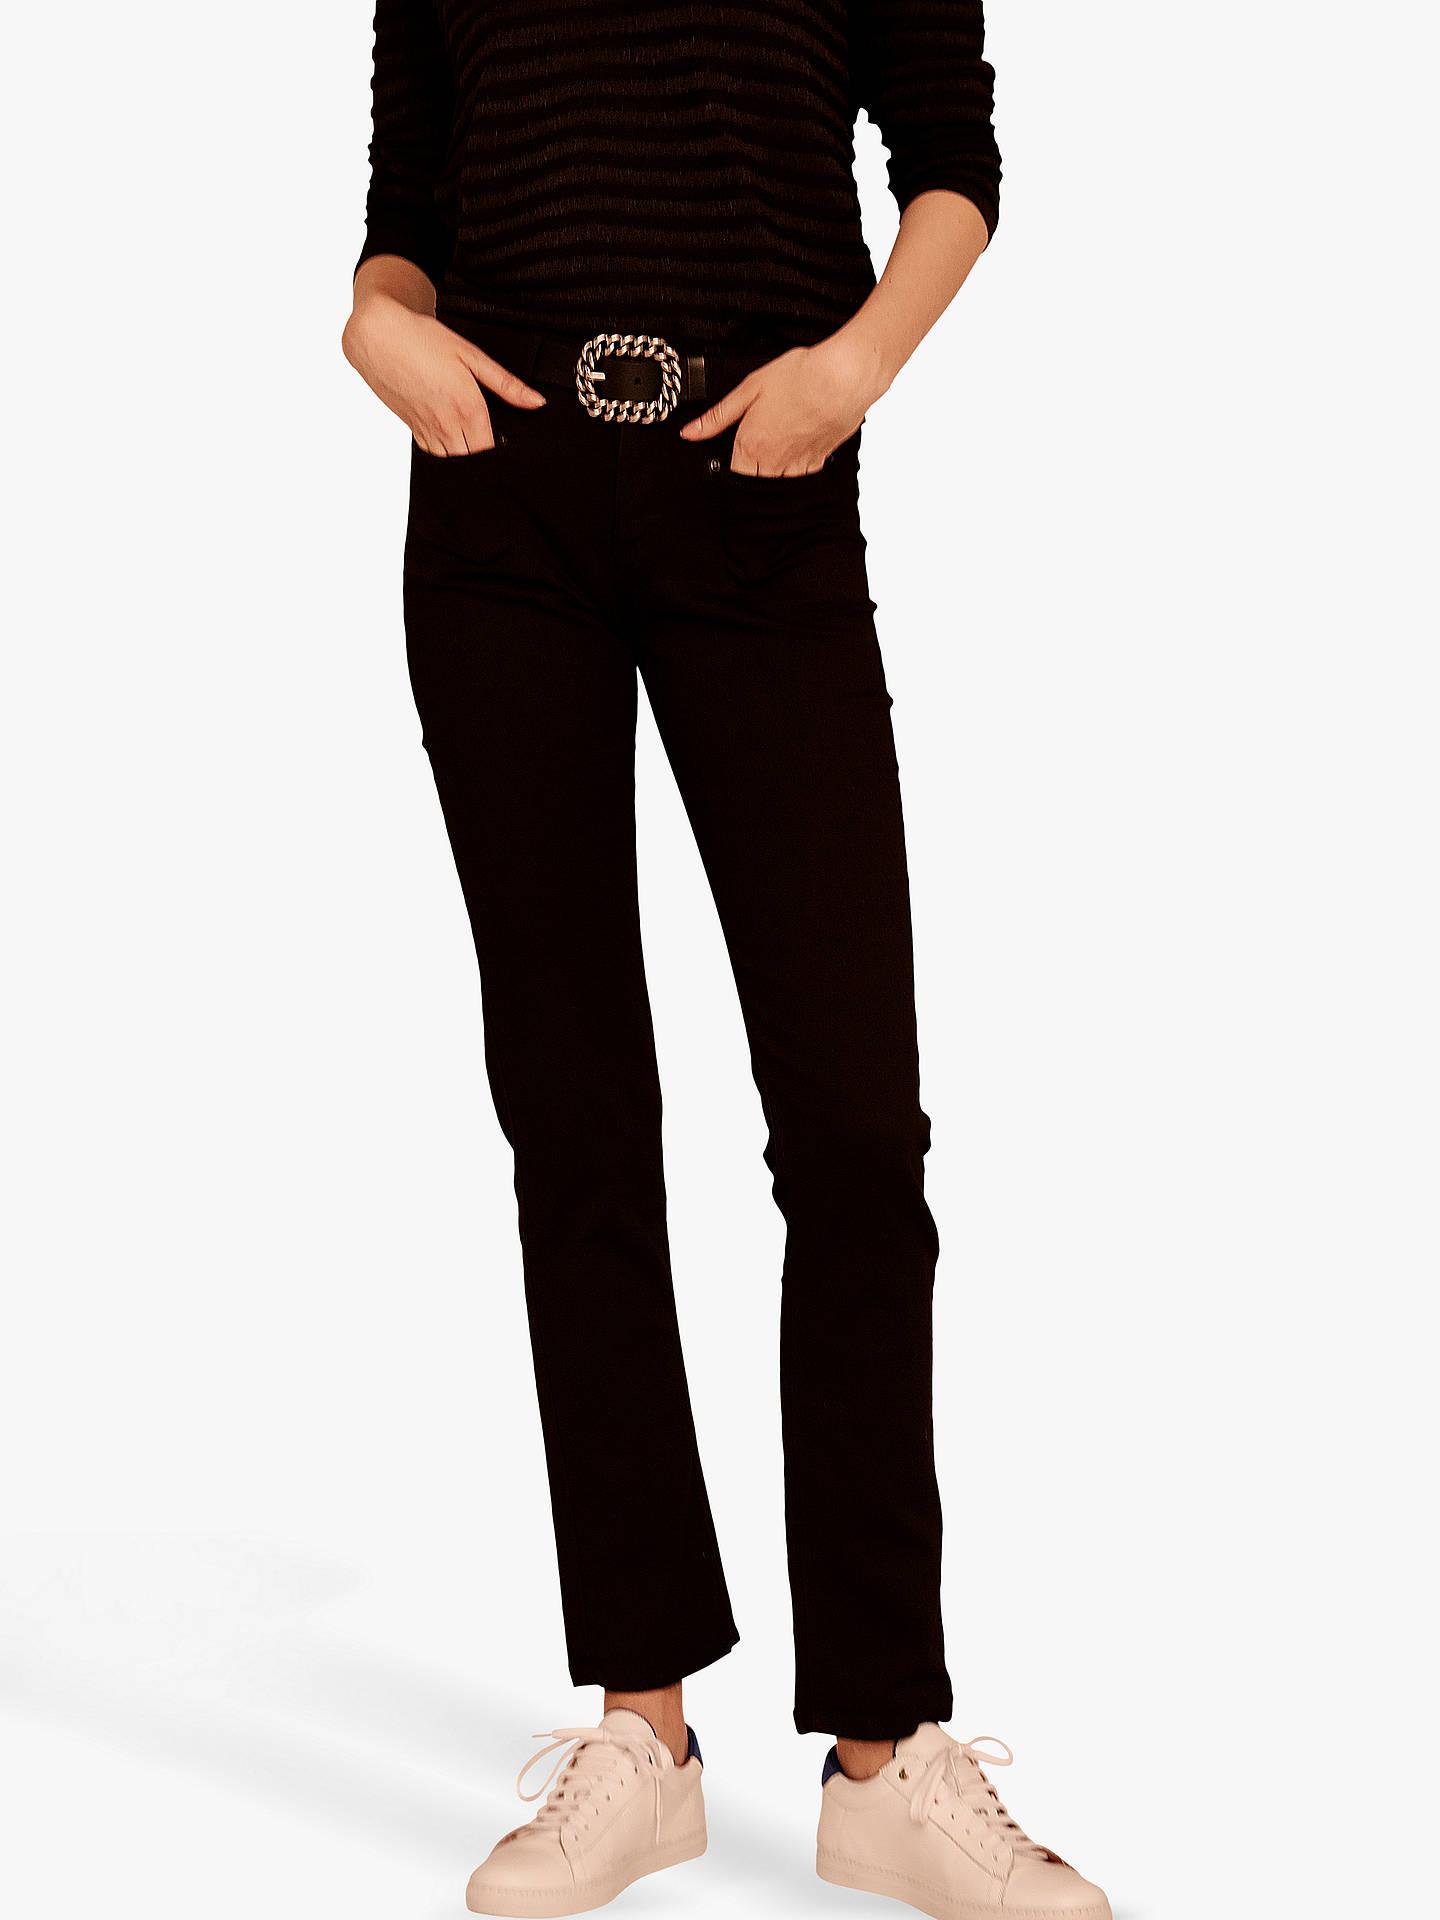 a8dddd68c6b Buy Gerard Darel Gaspard Skinny Fit Jeans